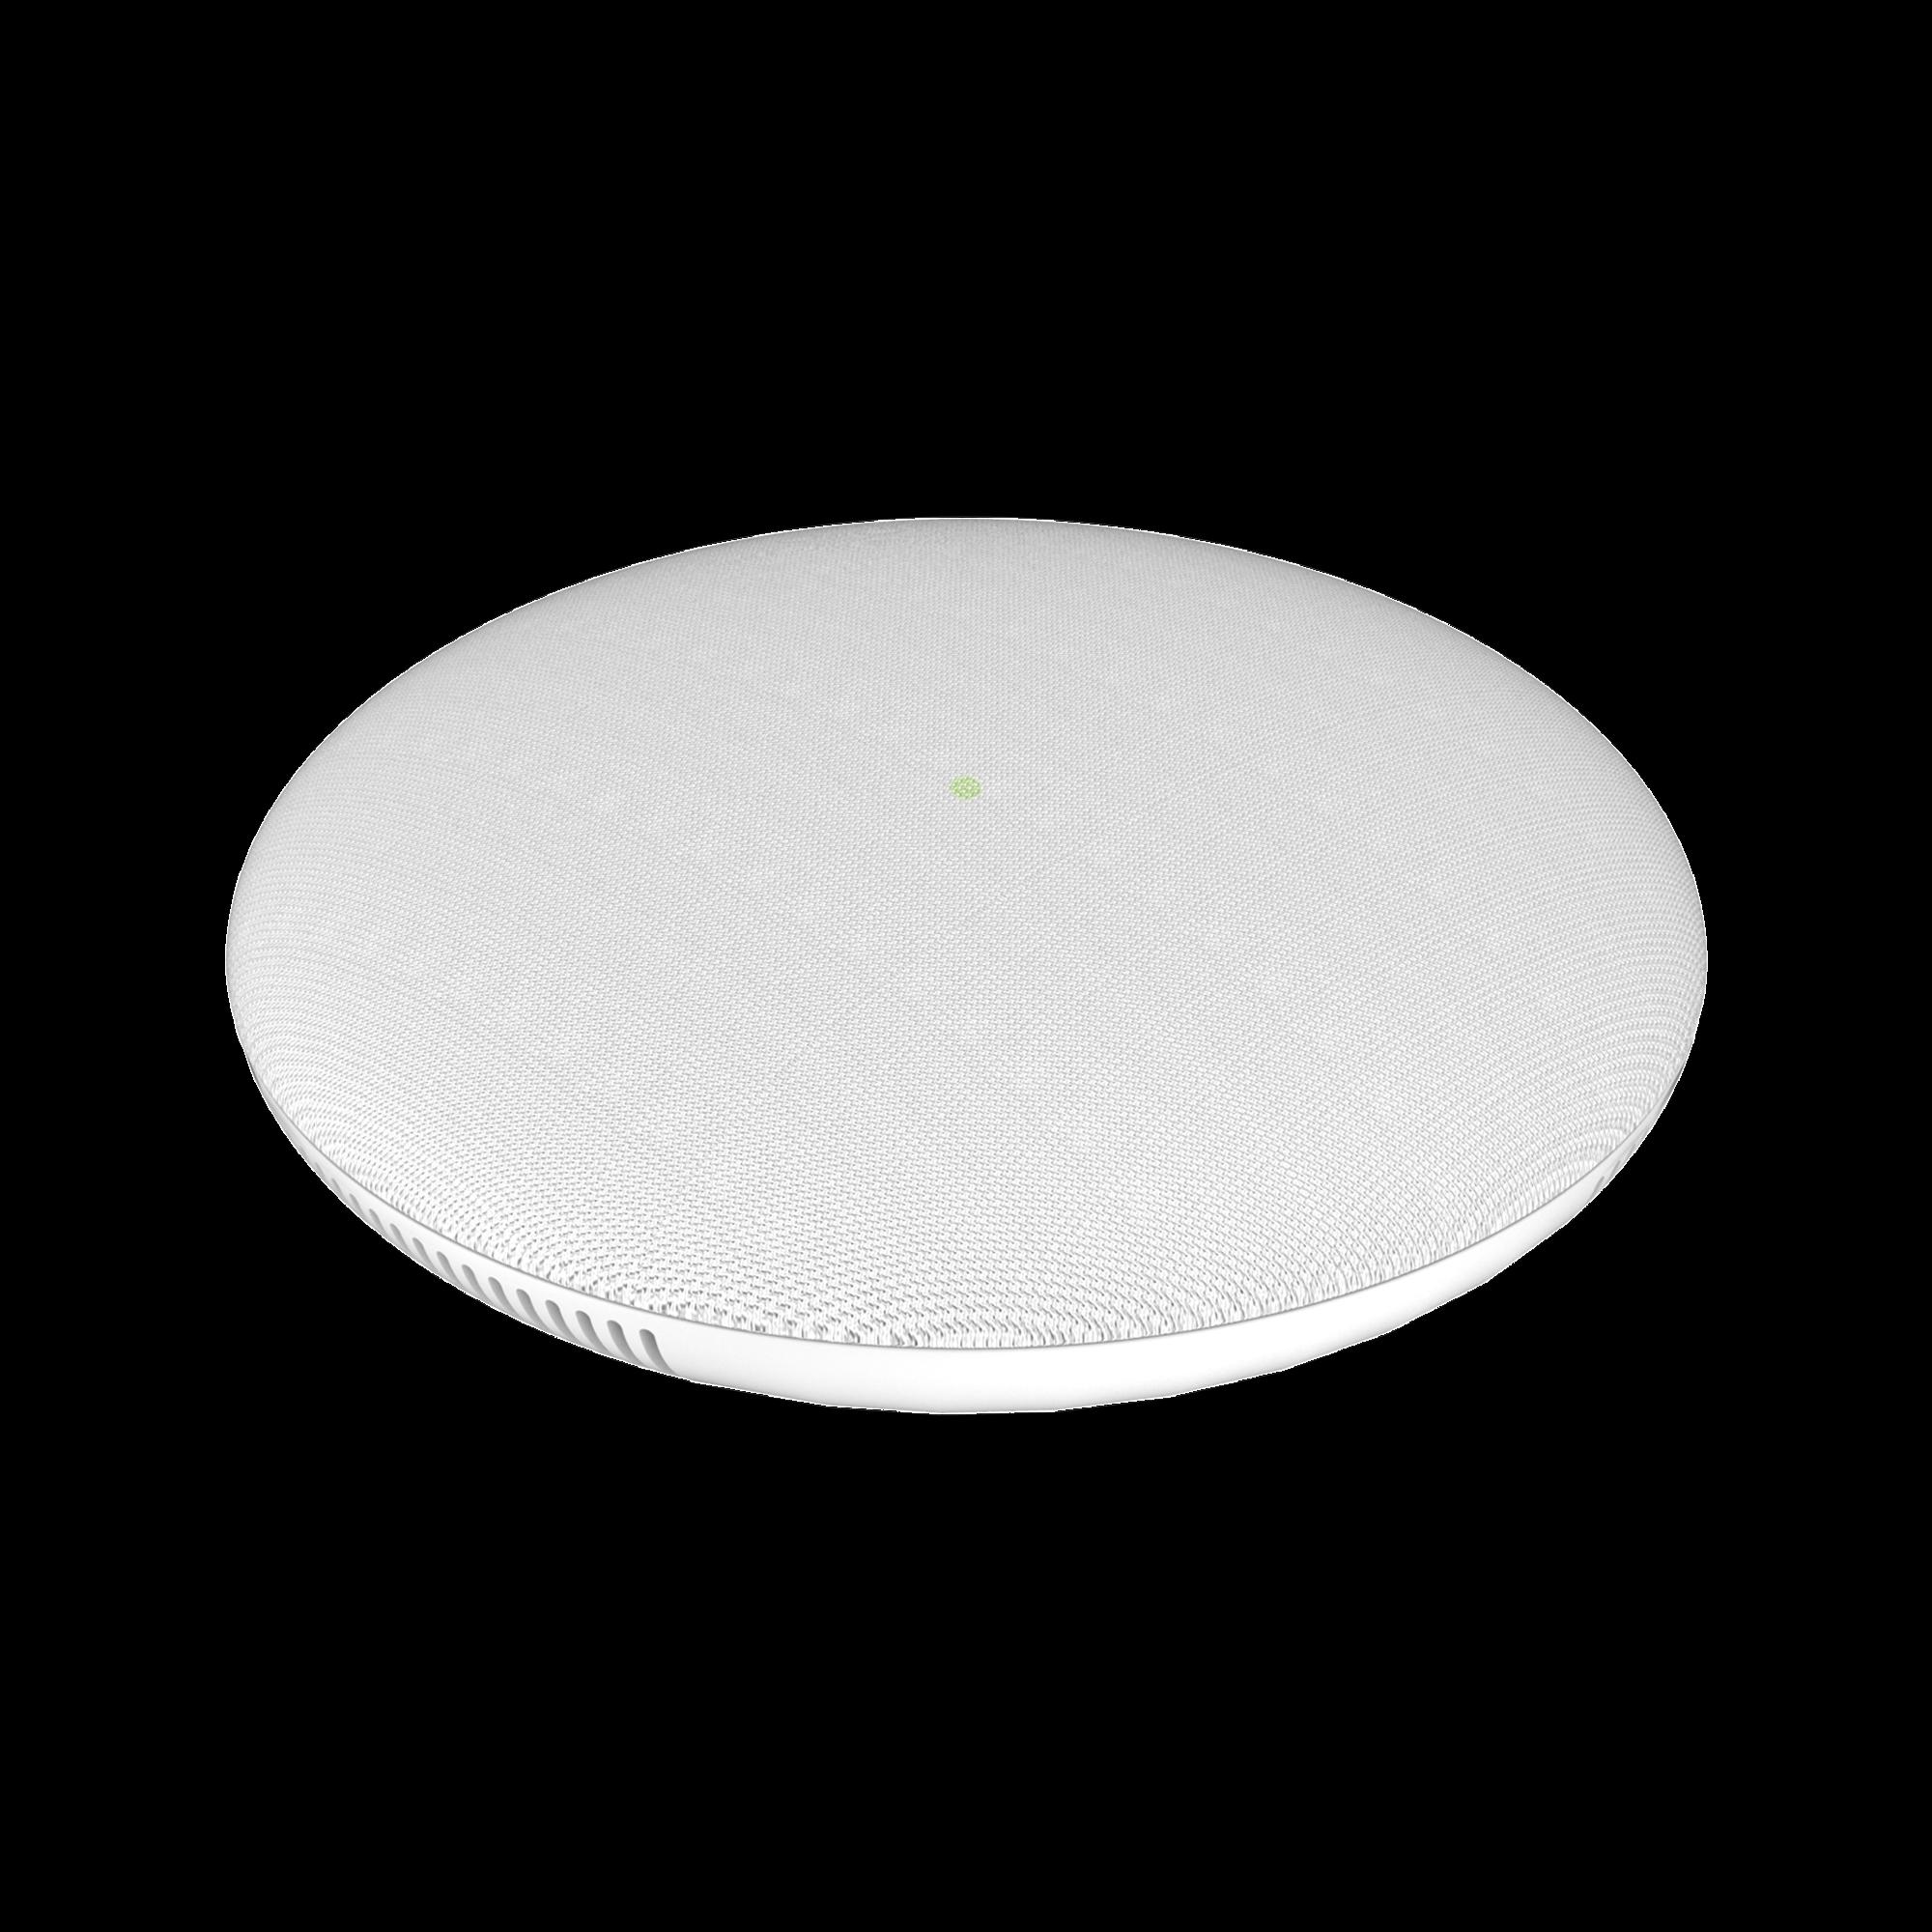 Altavoz SIP con bluetooth ideal para soluciones de voceo y difusion megafonica.